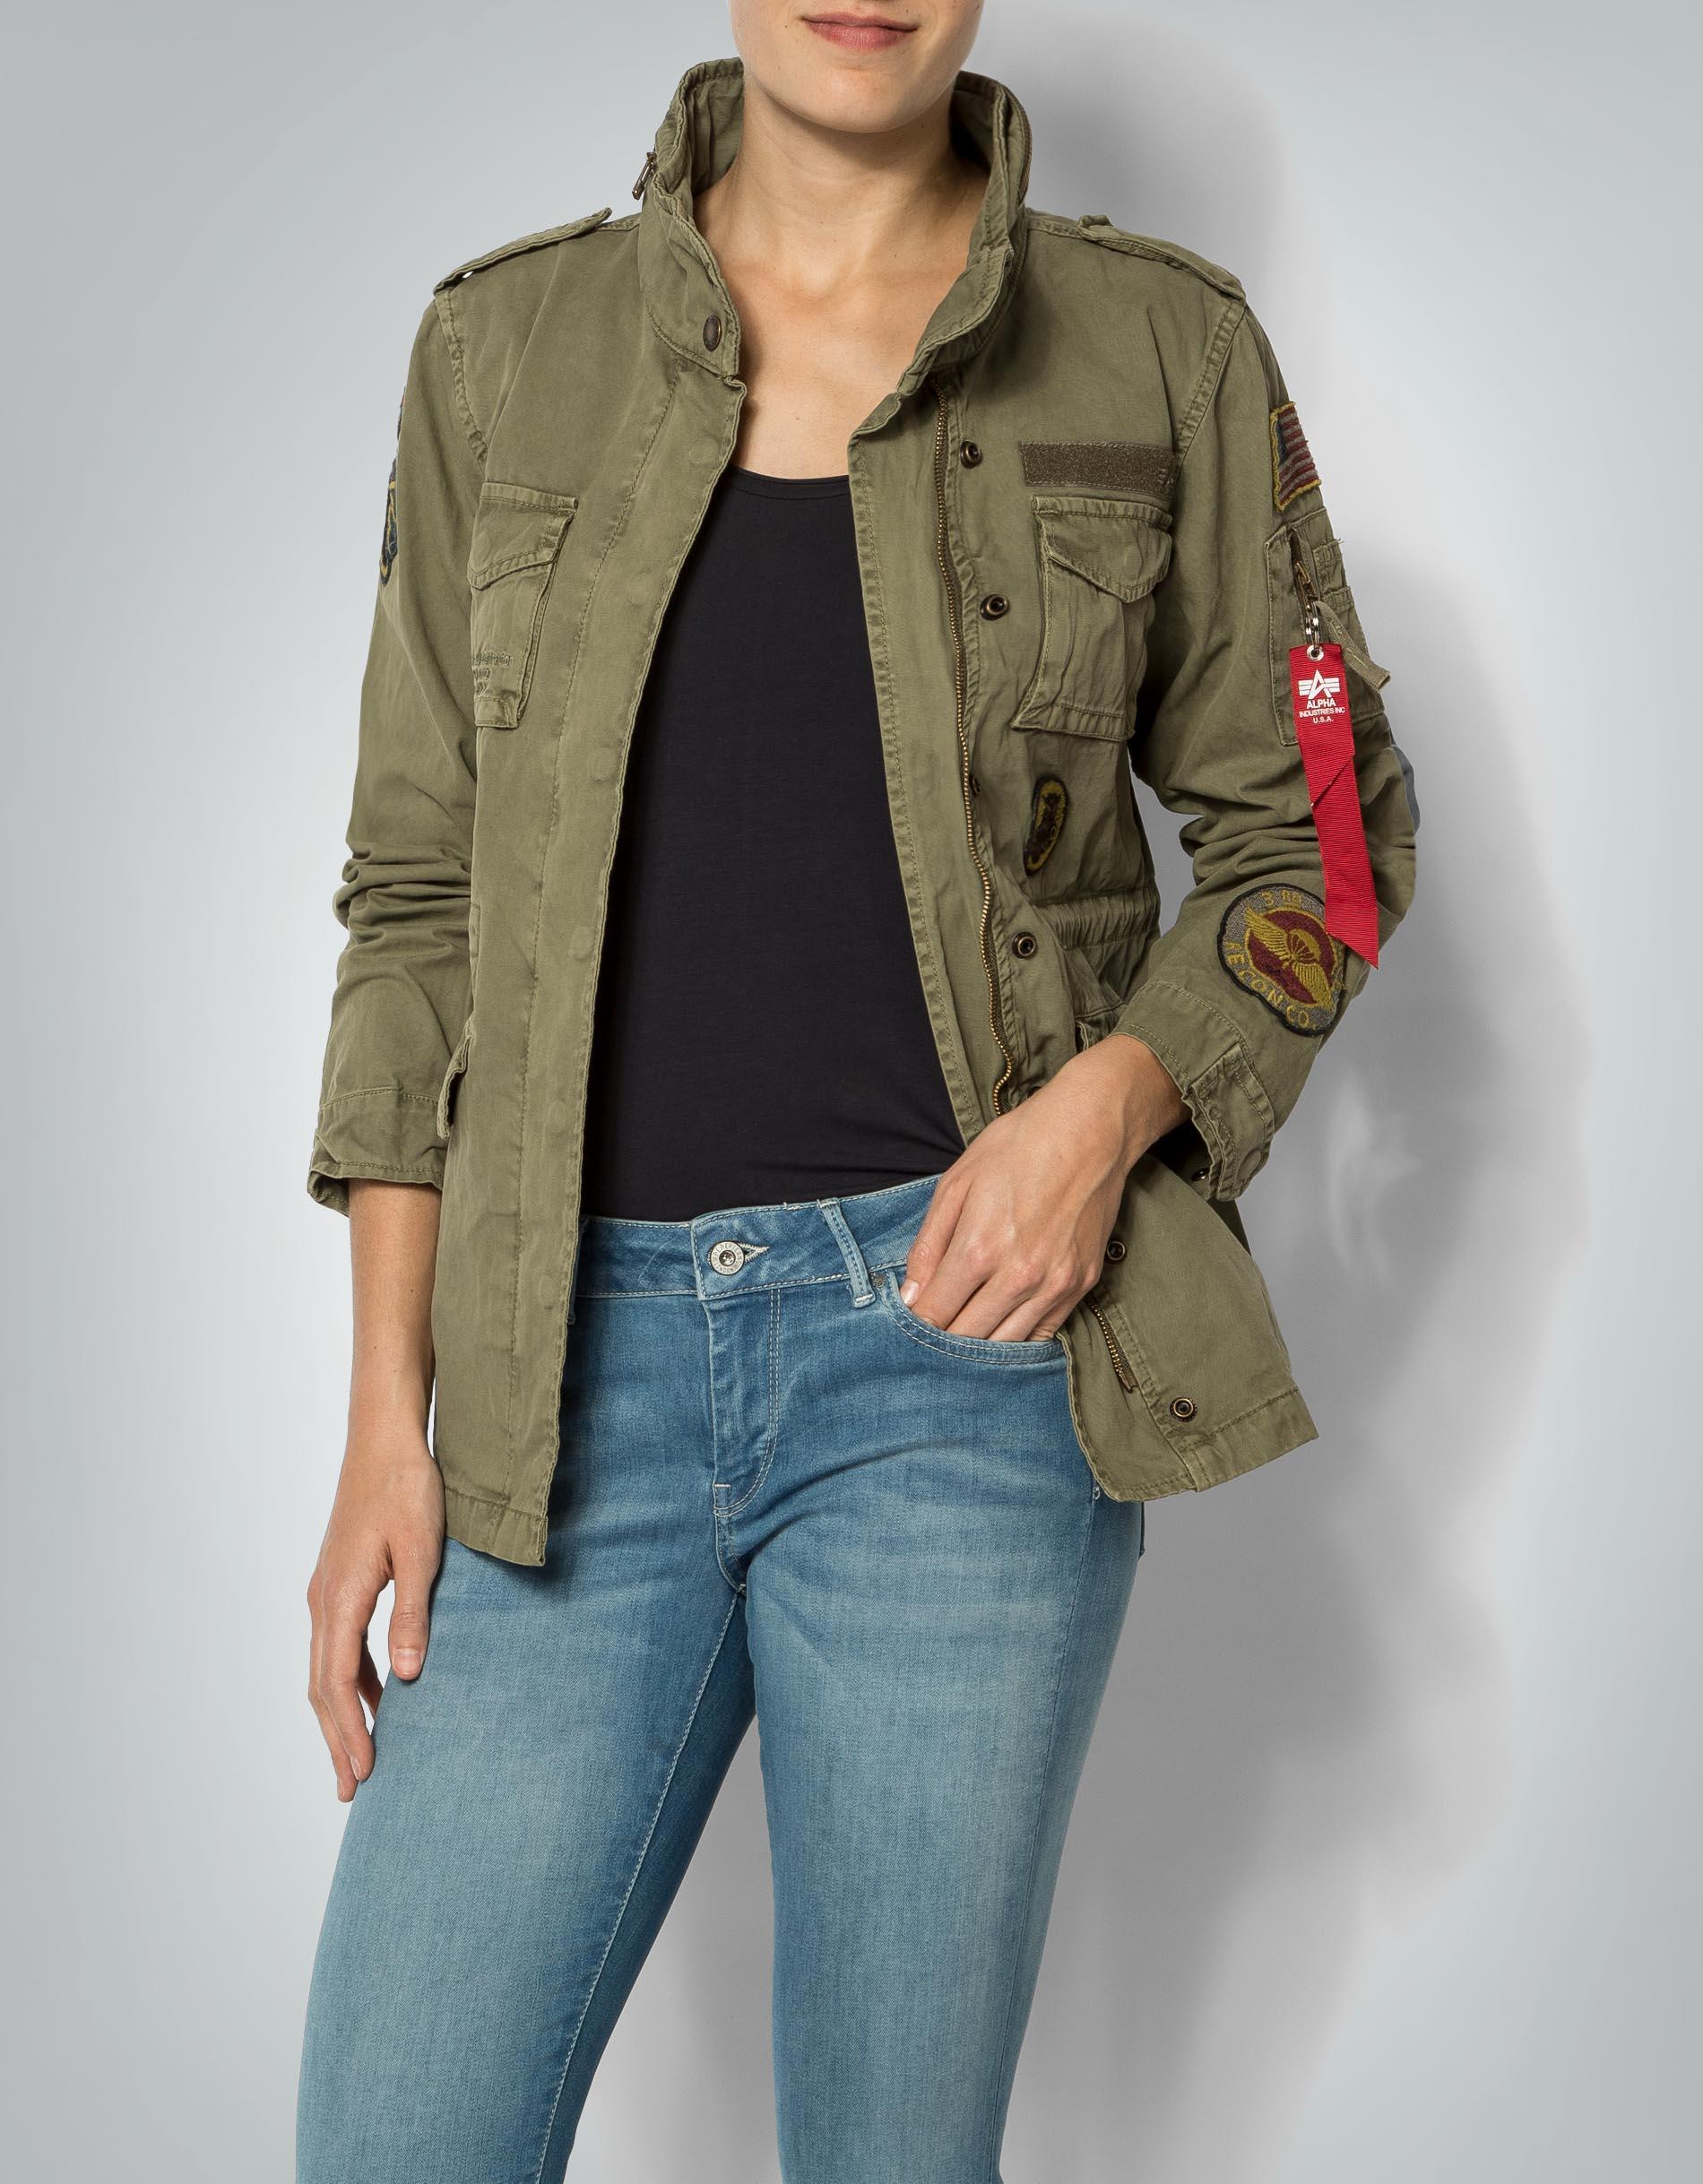 Damen jacke mit patches